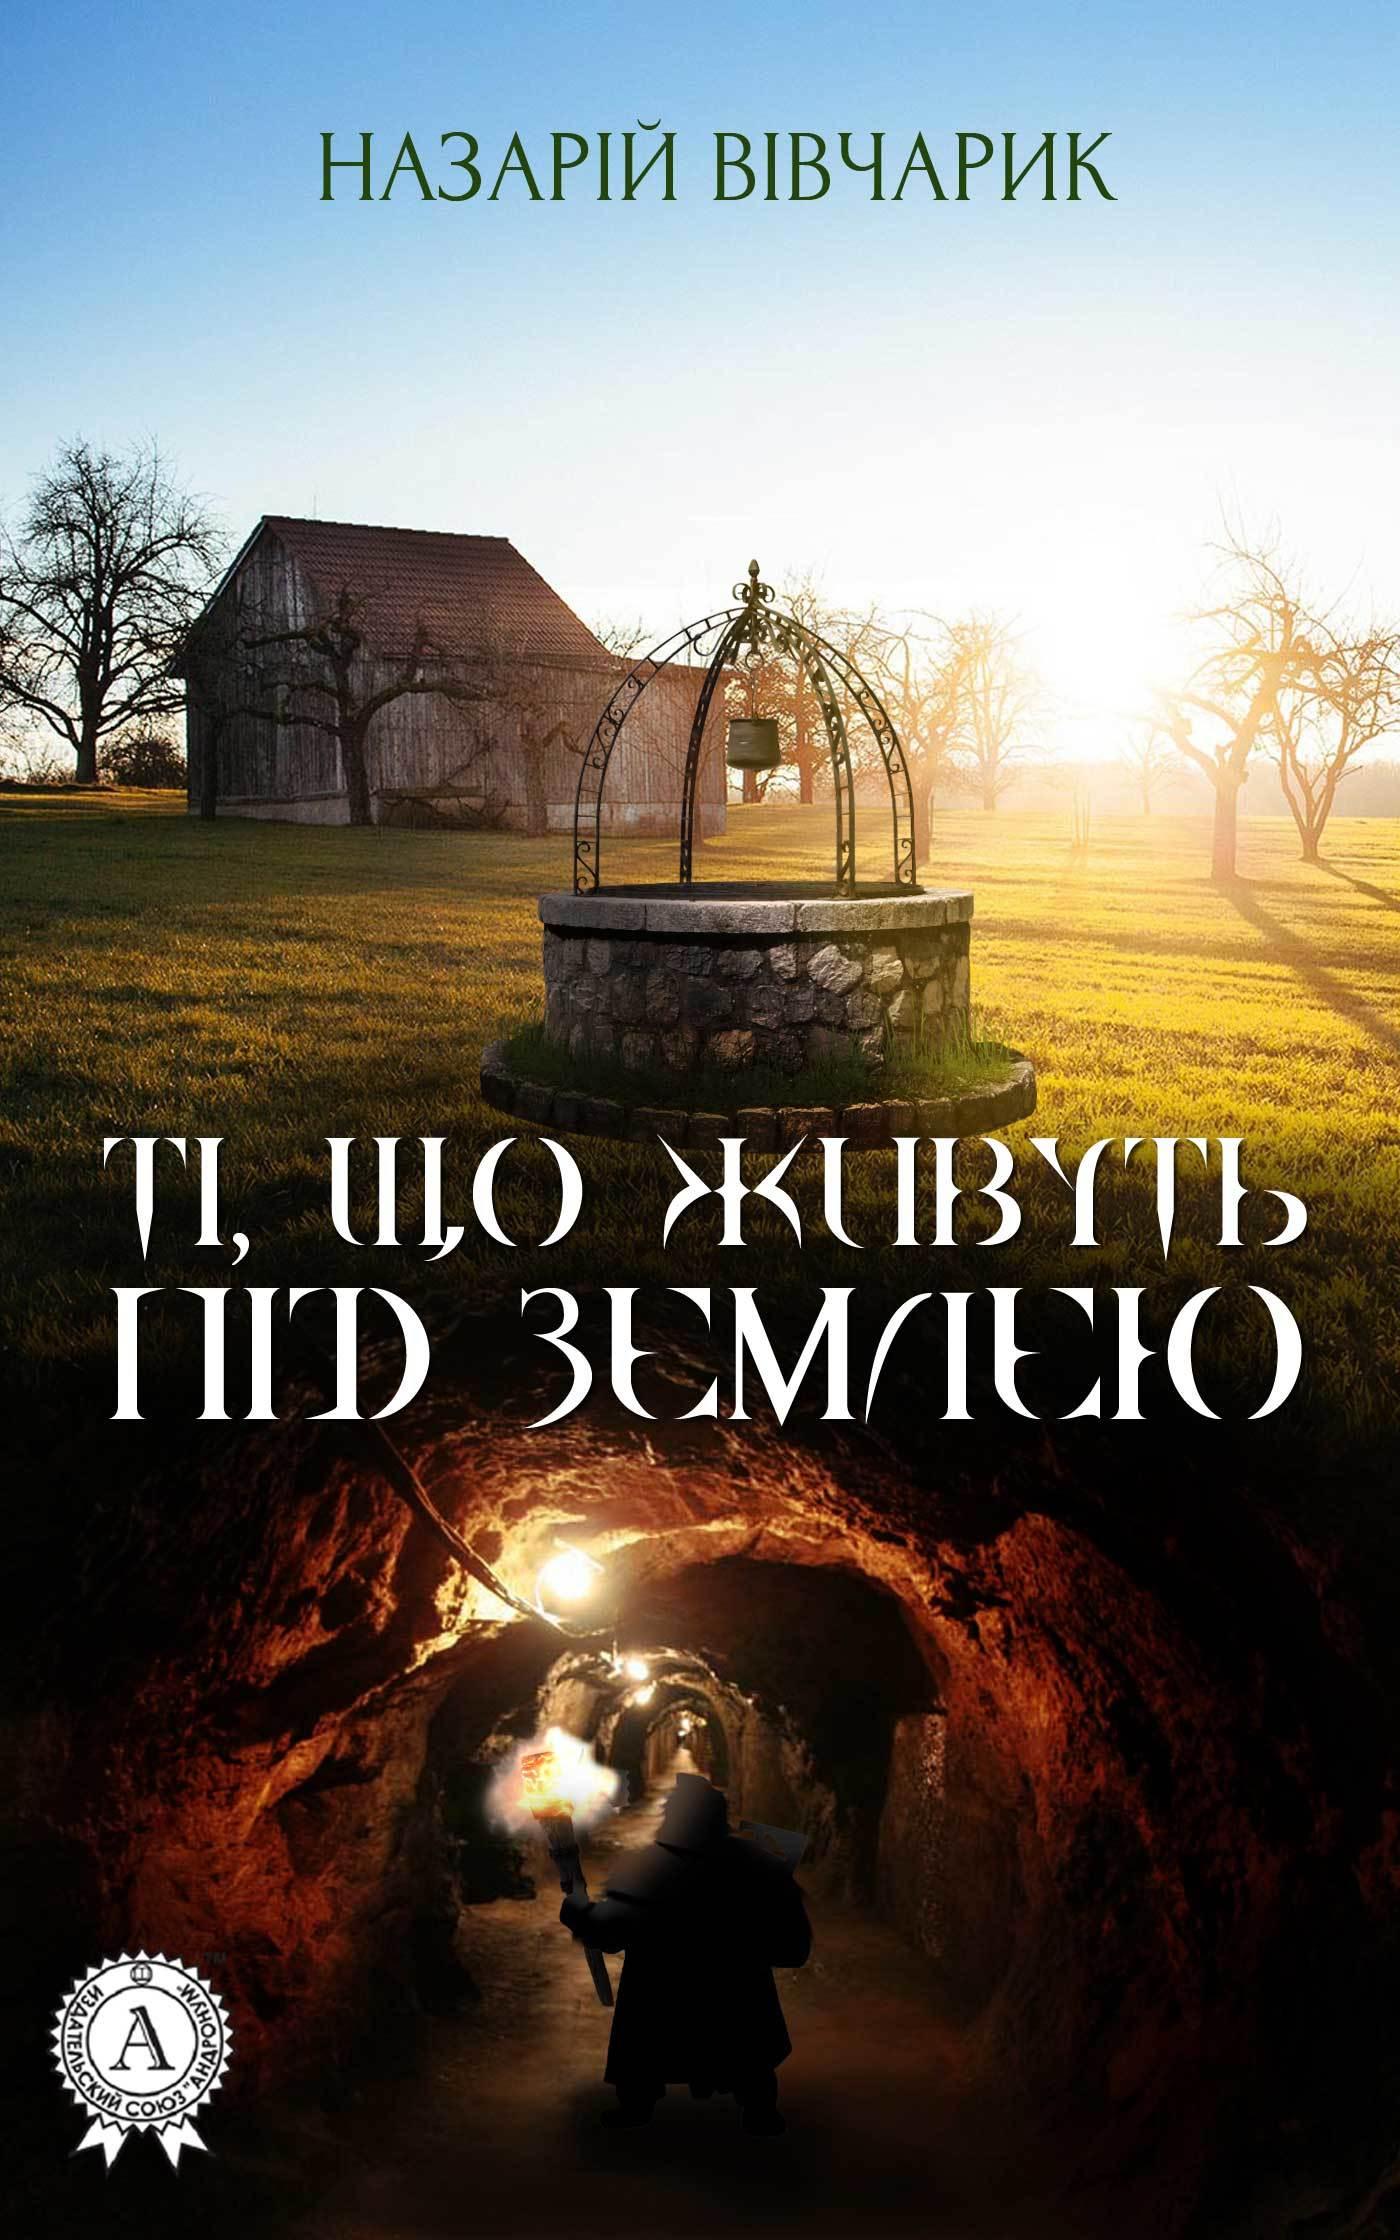 Назарій Вівчарик Ті, що живуть під землею антология що ховається у сутінках